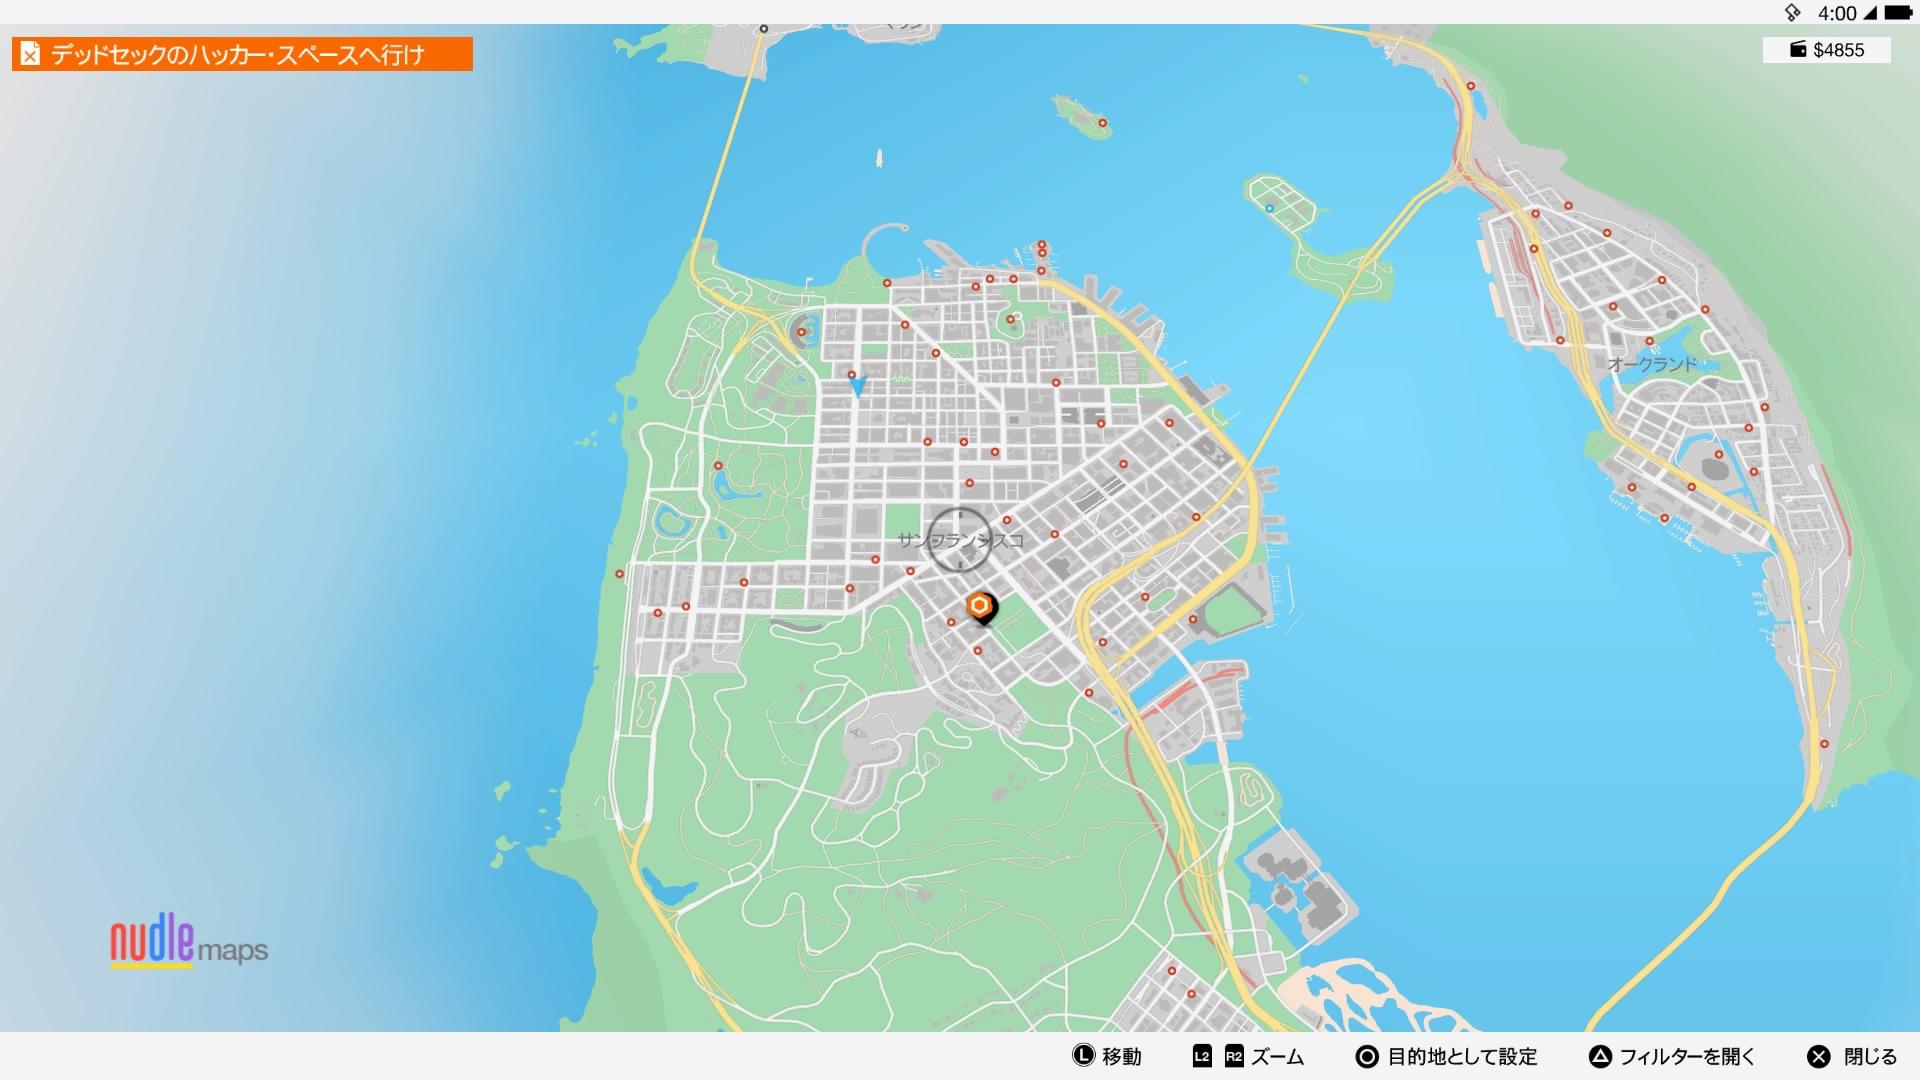 サンフランシスコのマップの一部